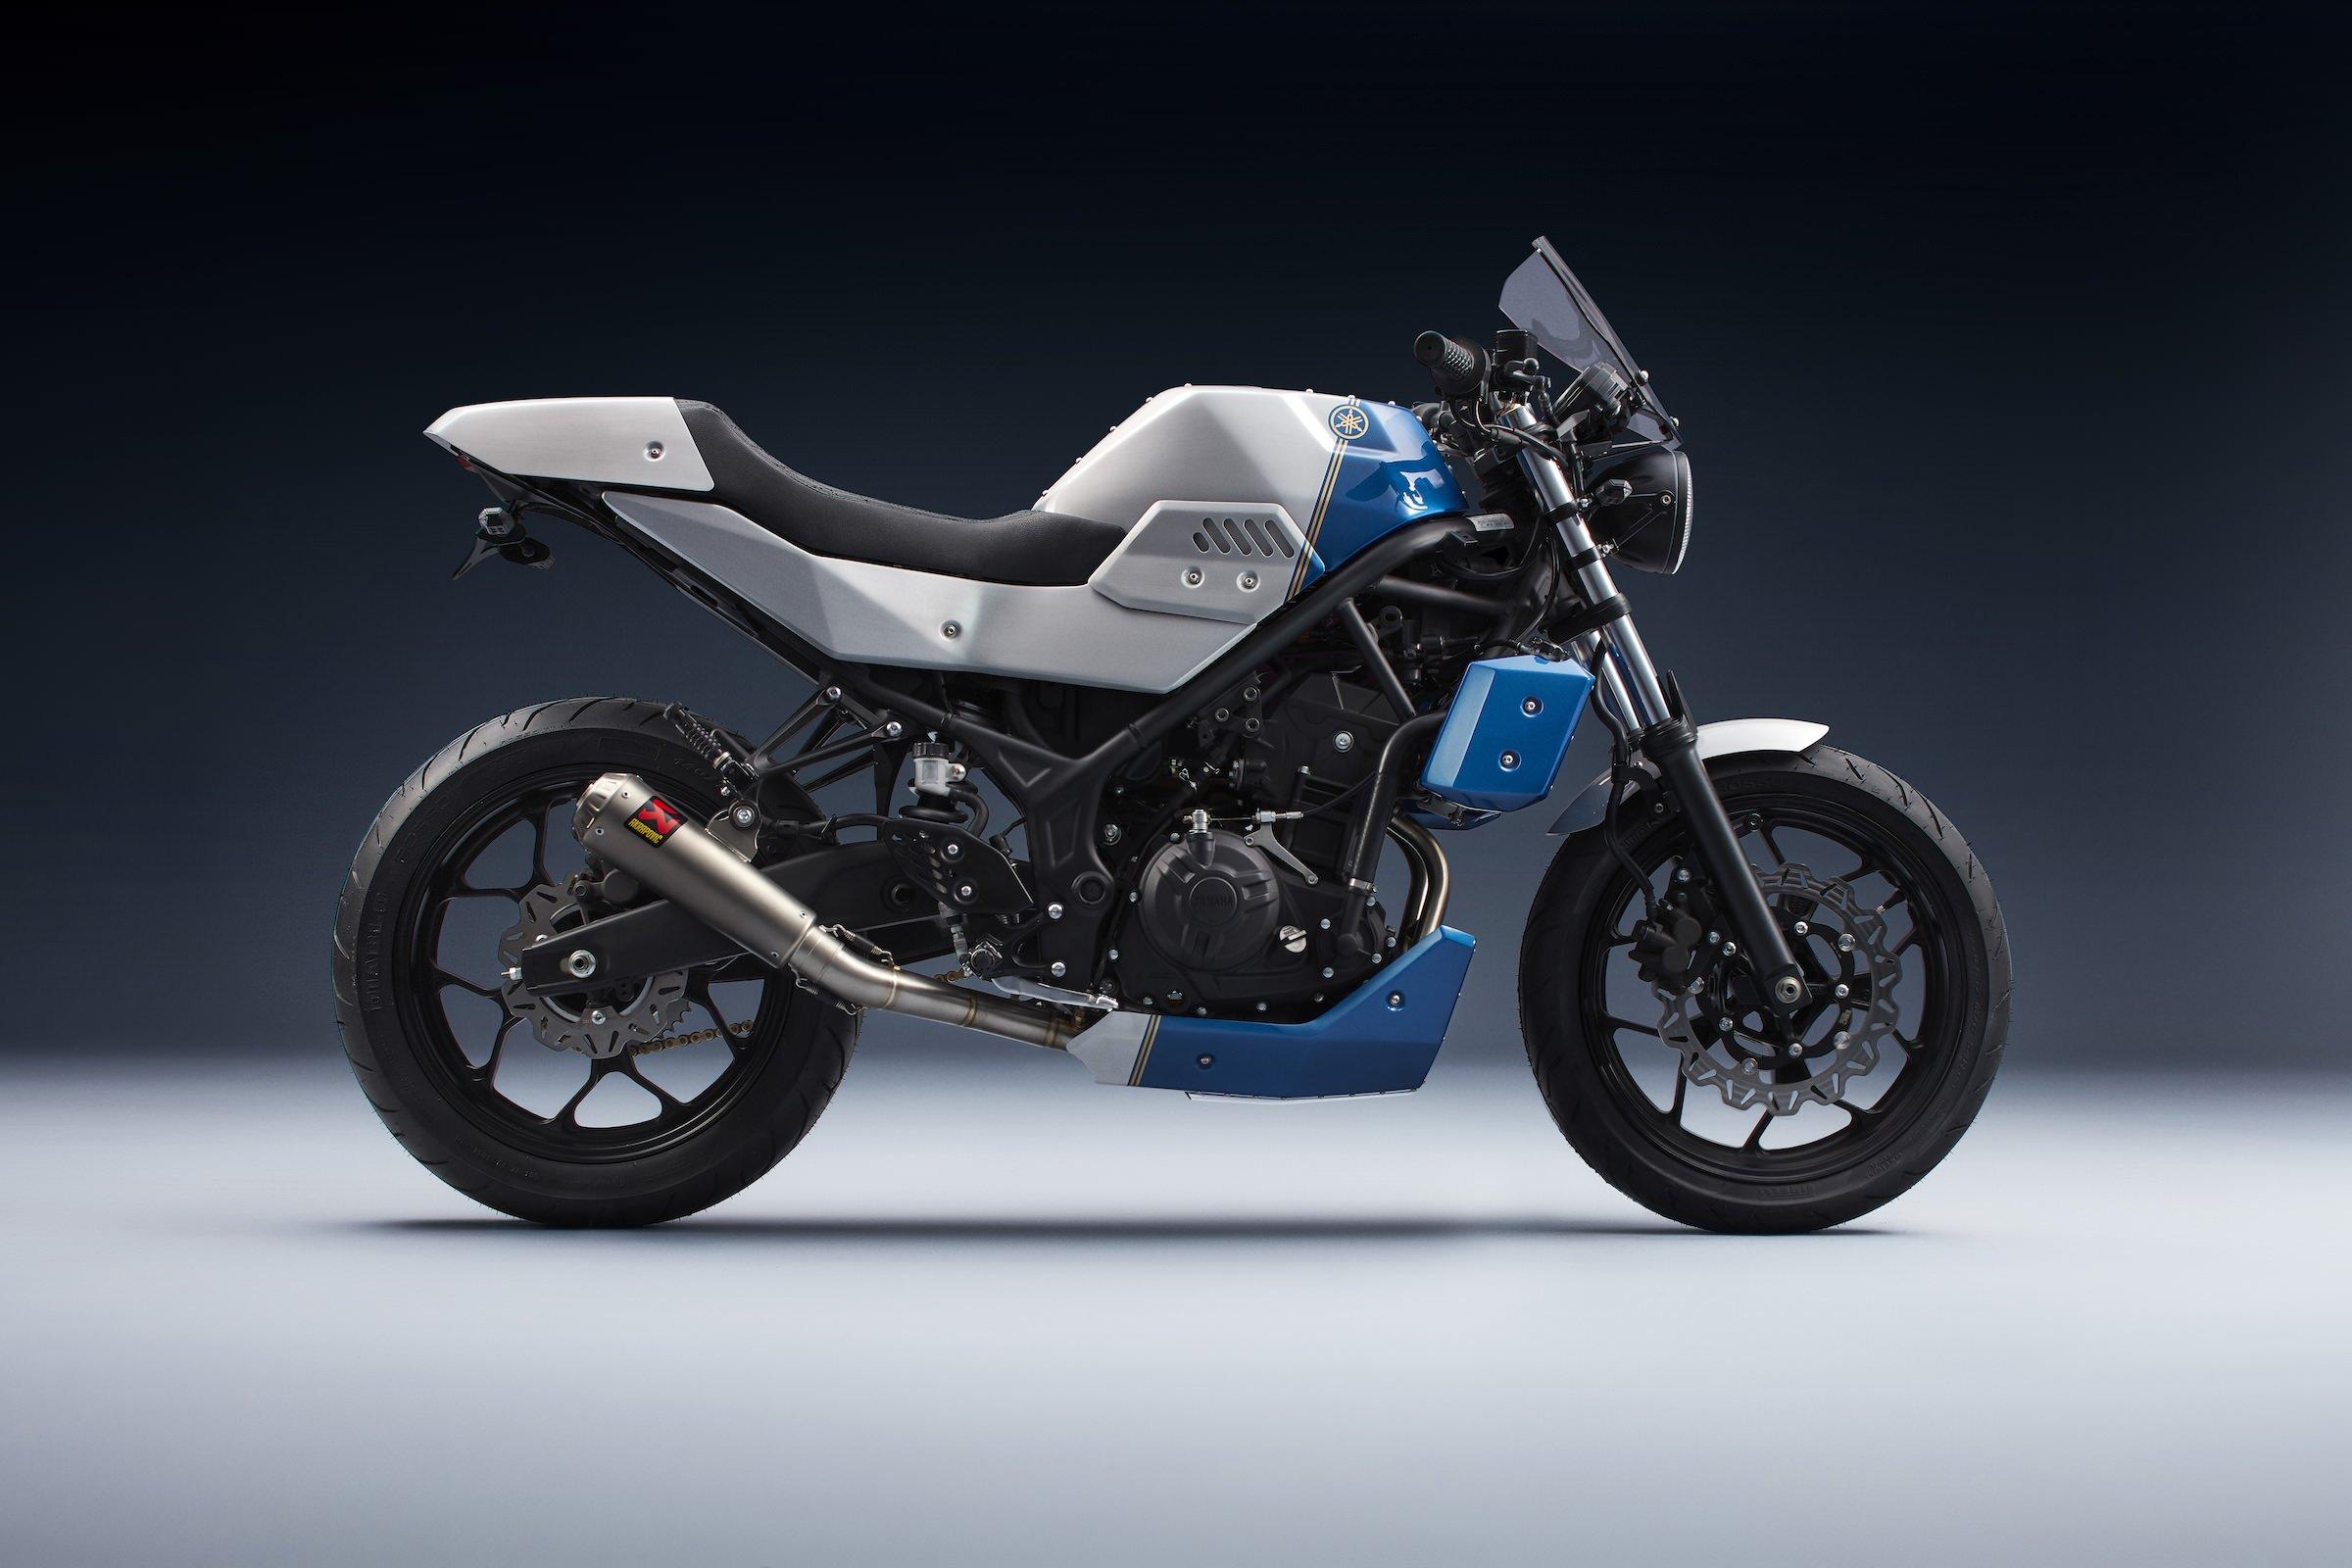 Motor Sport Yamaha Mt25 T Prospeed Mf Series Honda Sonic150r Bunker Customs Janus Full Body Kit For The Mt 25 And